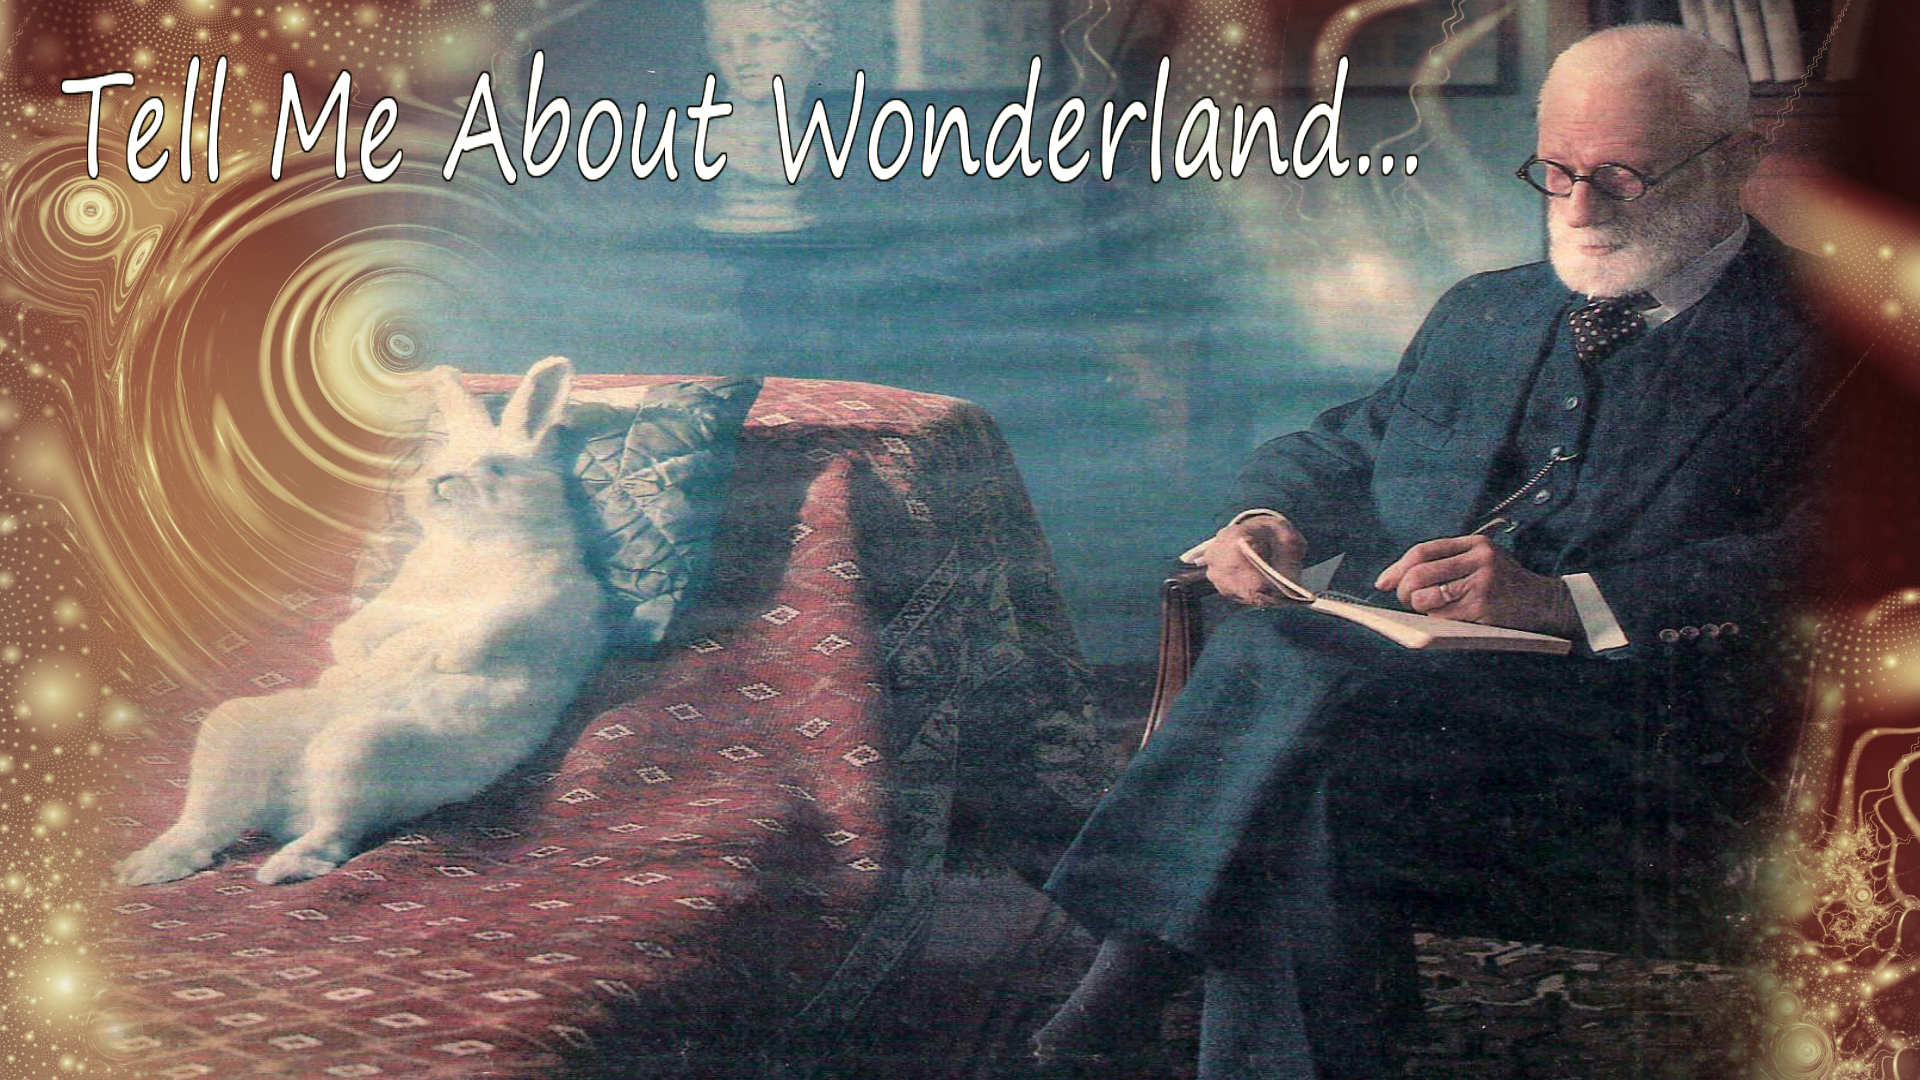 кролик у психиатра. как попасть в страну чудес. осознанный сон?